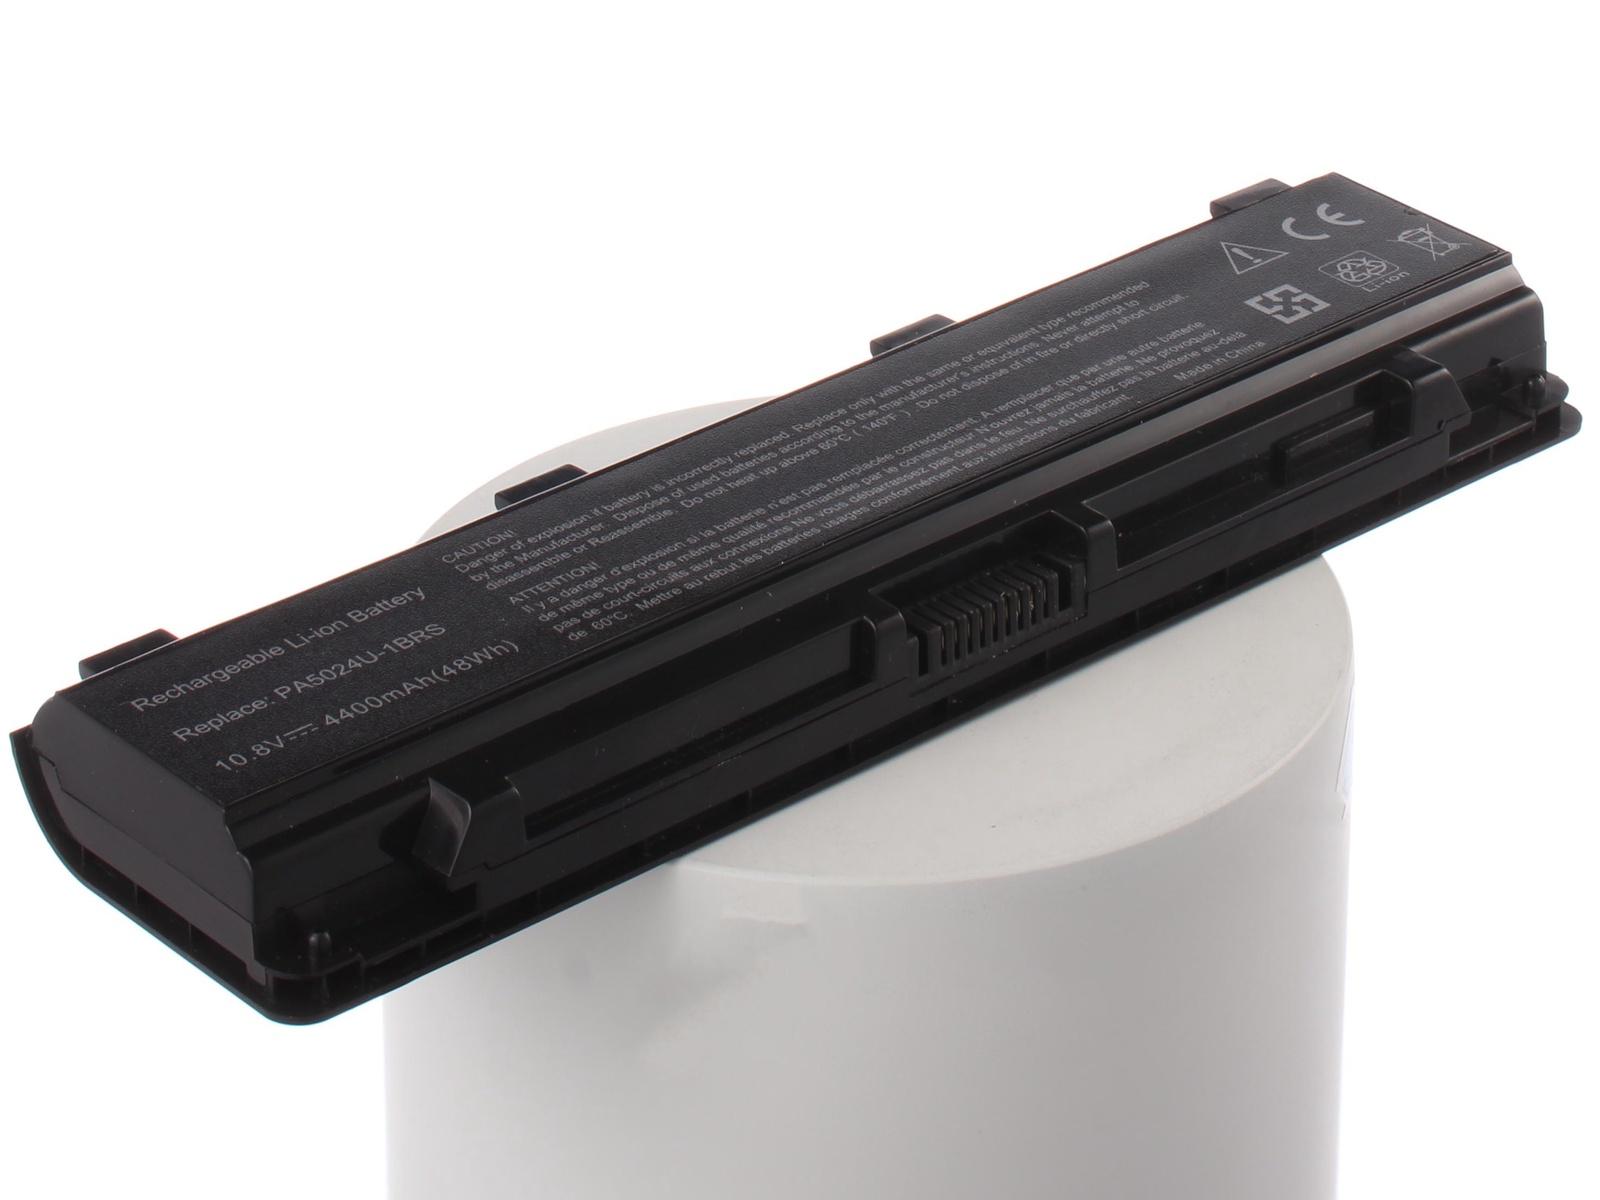 Аккумулятор для ноутбука AnyBatt для ToshiBa Satellite P855, Satellite L70-A-K6S, L850-C6S, L850D-B7W, Satellite L870D, Satellite L855-B2M, L850-B4K, Satellite L850D-BJS, L875-B6M, L855-C2M, Satellite C850-C3K, C870-C7W цена